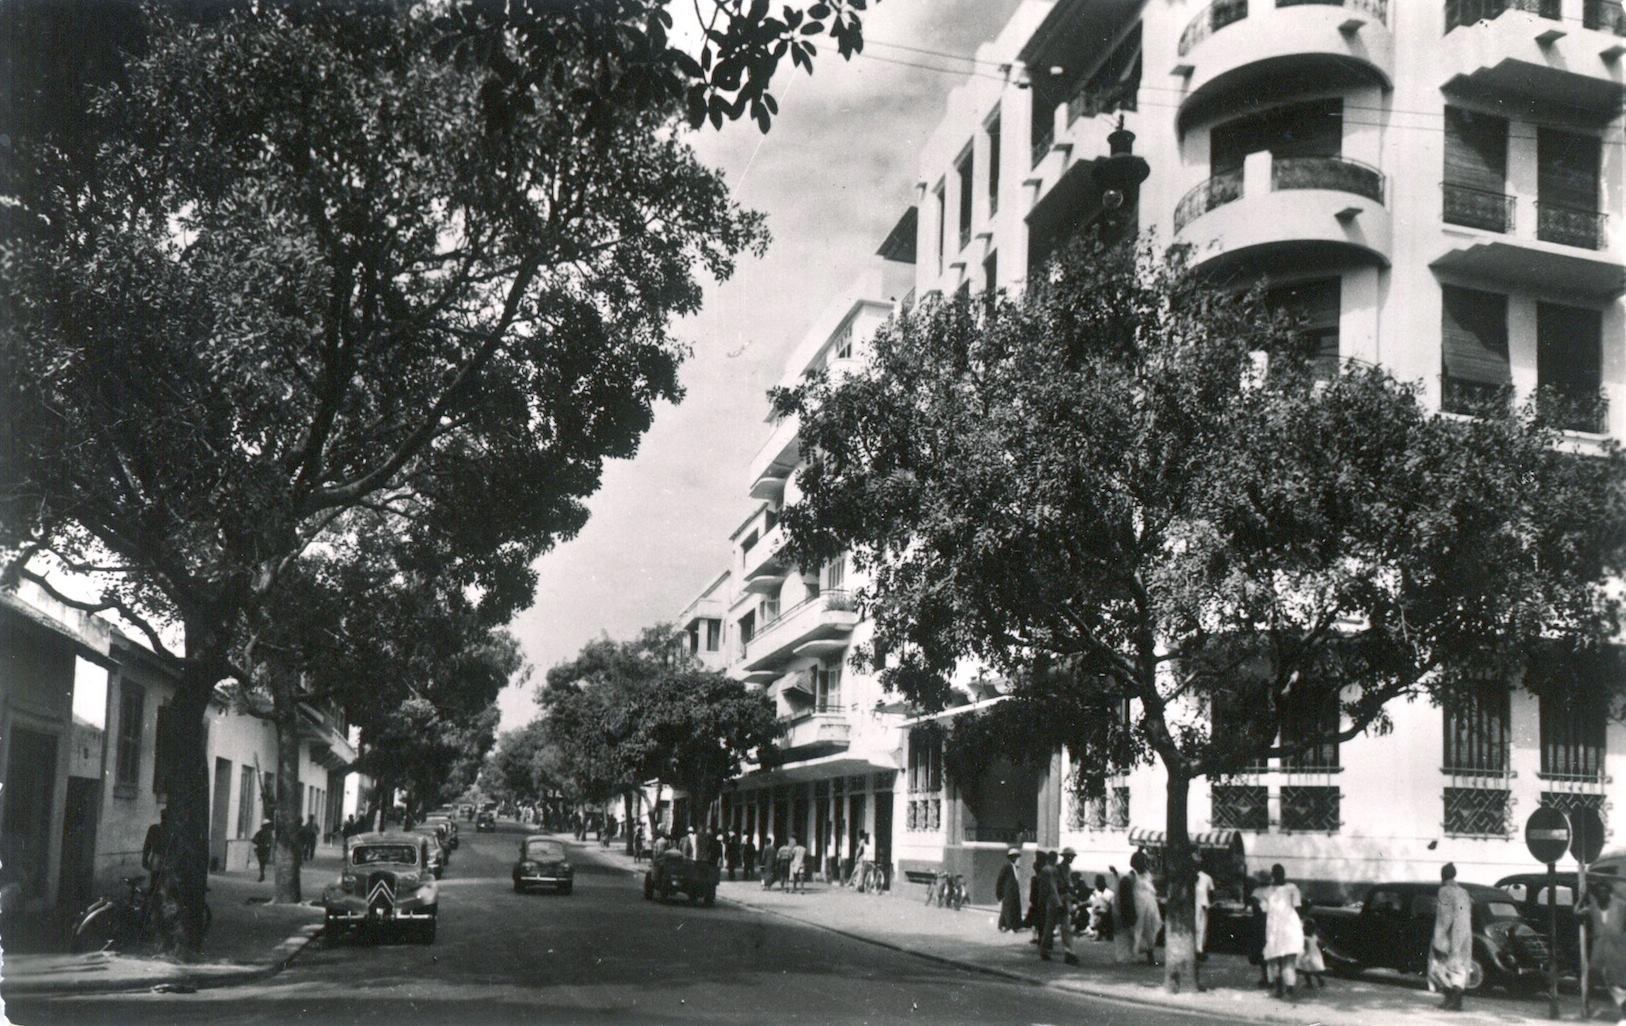 Carte postale- Voici une dernière vue de l'ancien boulevard National devenu avenue Georges Pompidou